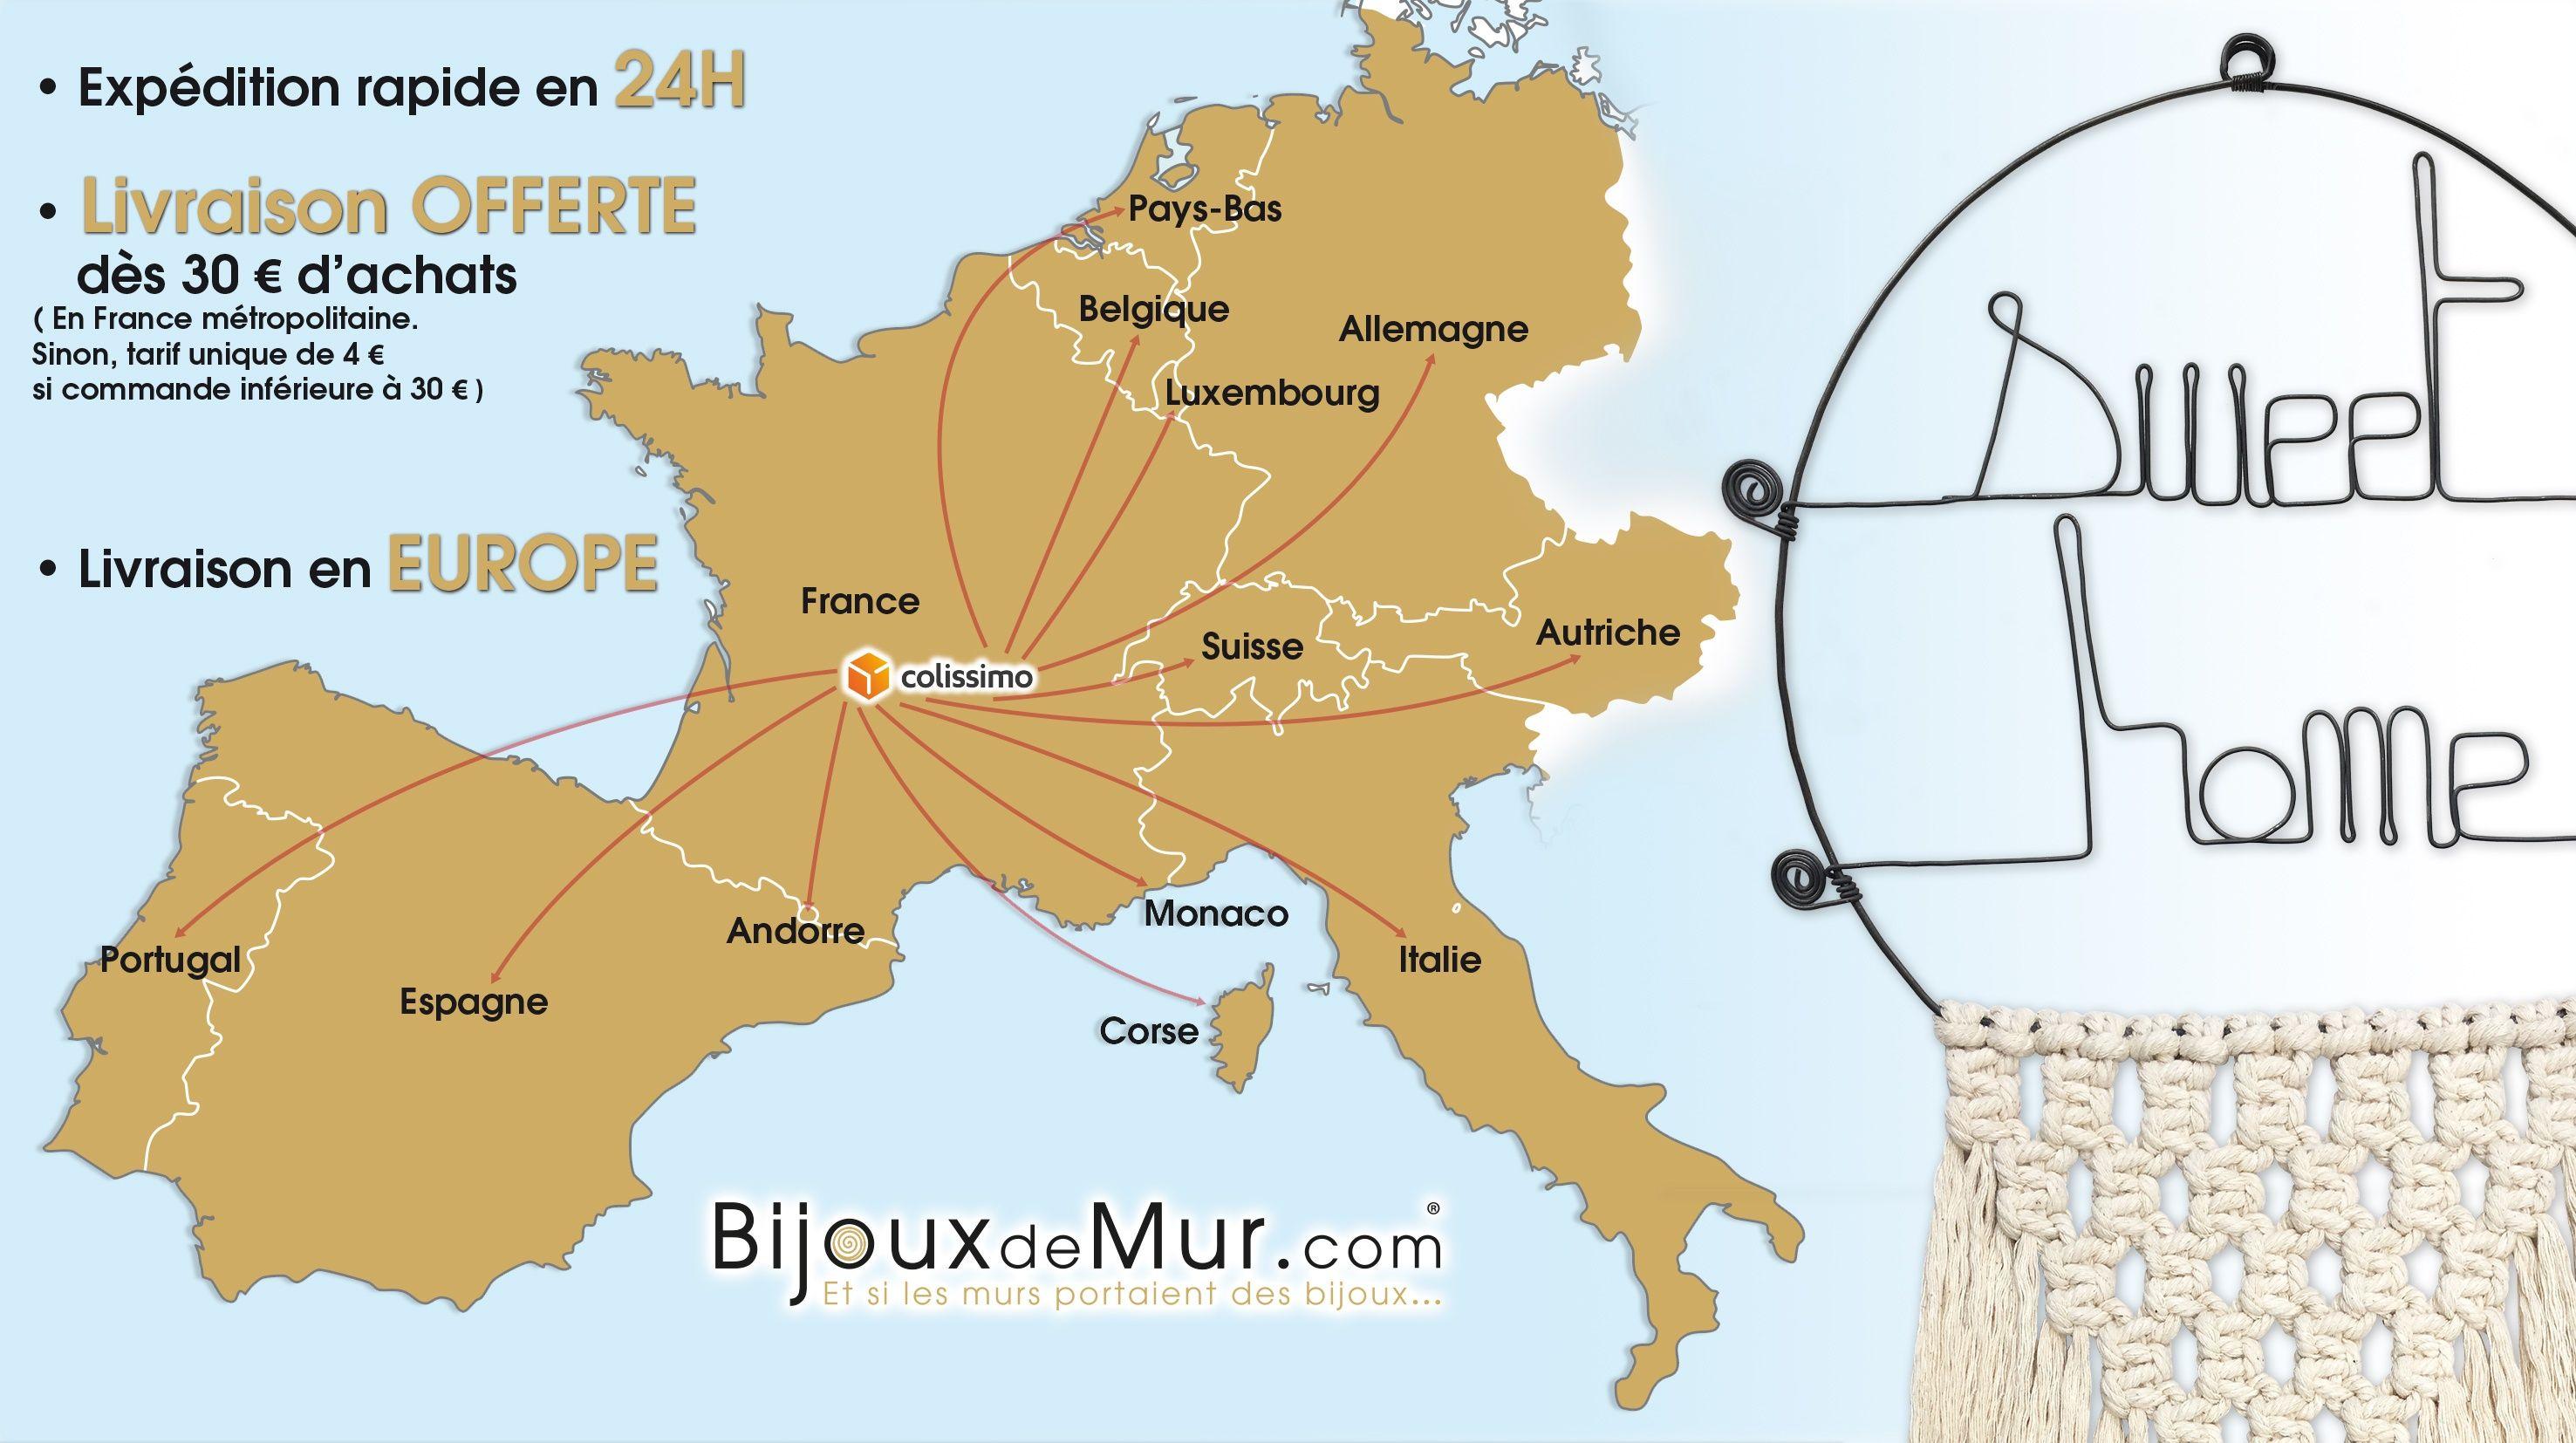 Livraison rapide et en Europe